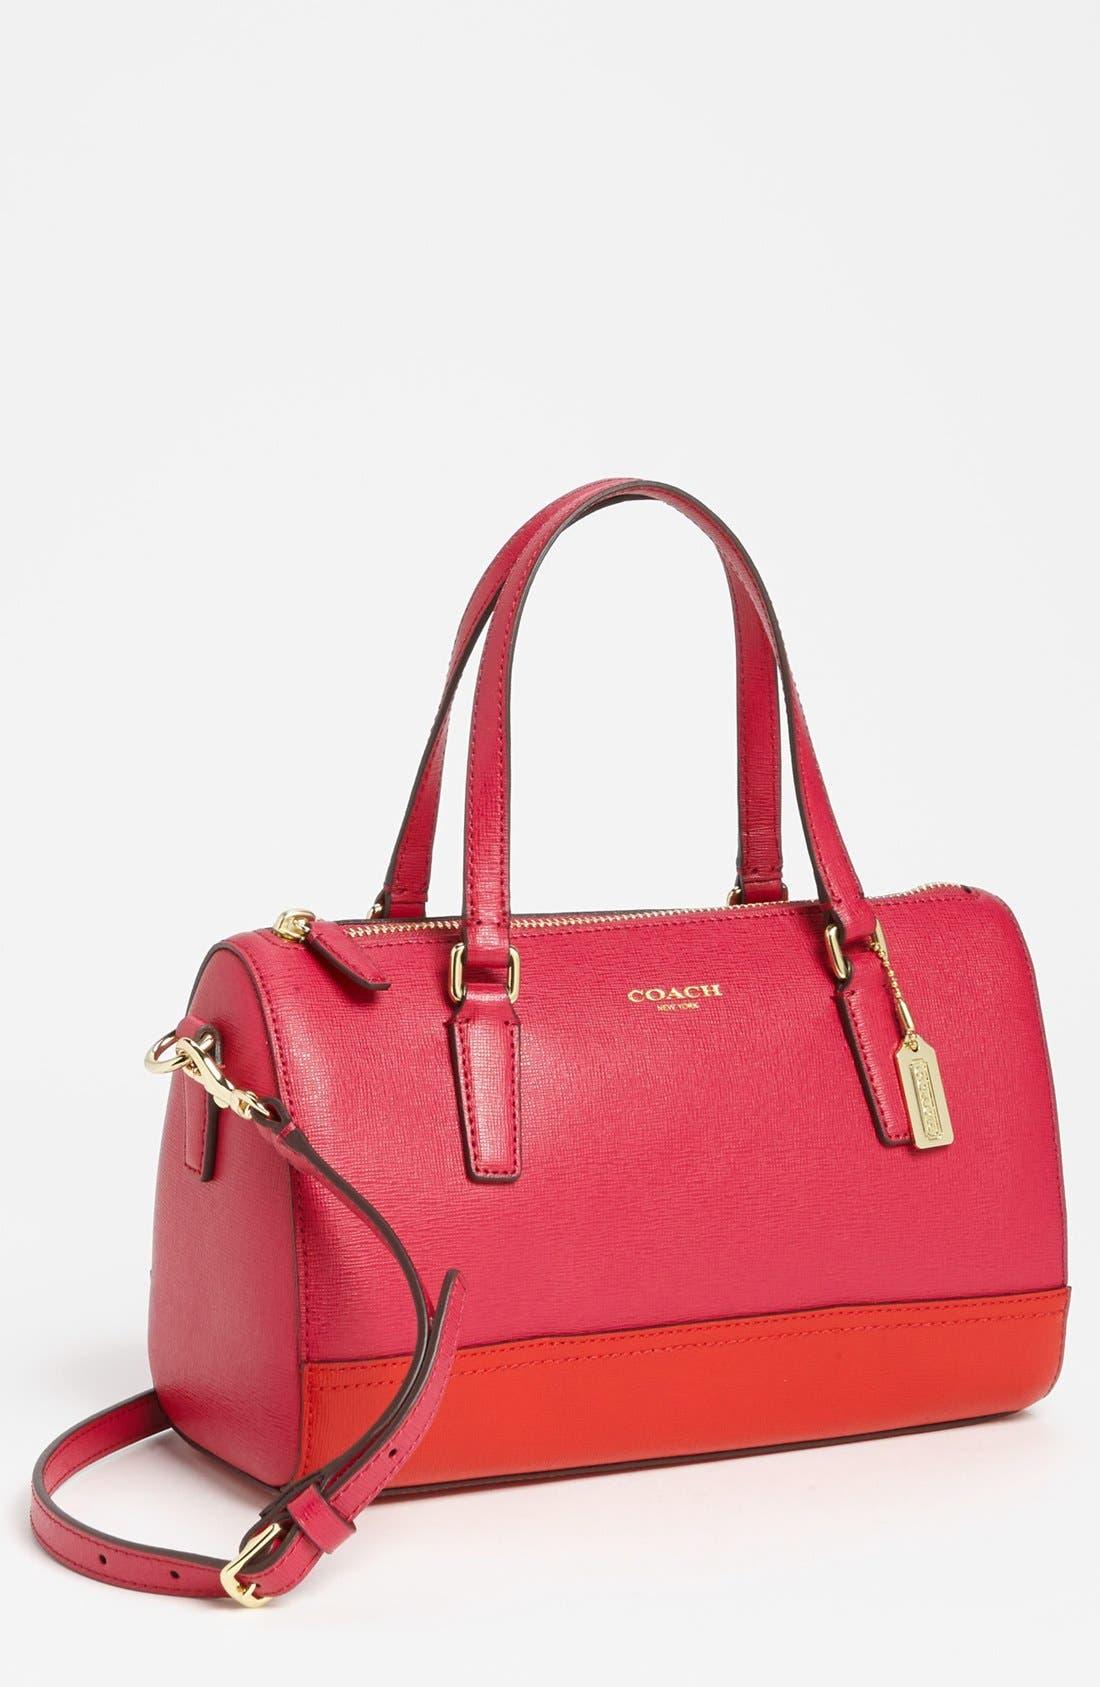 Main Image - COACH 'Mini' Saffiano Leather Satchel